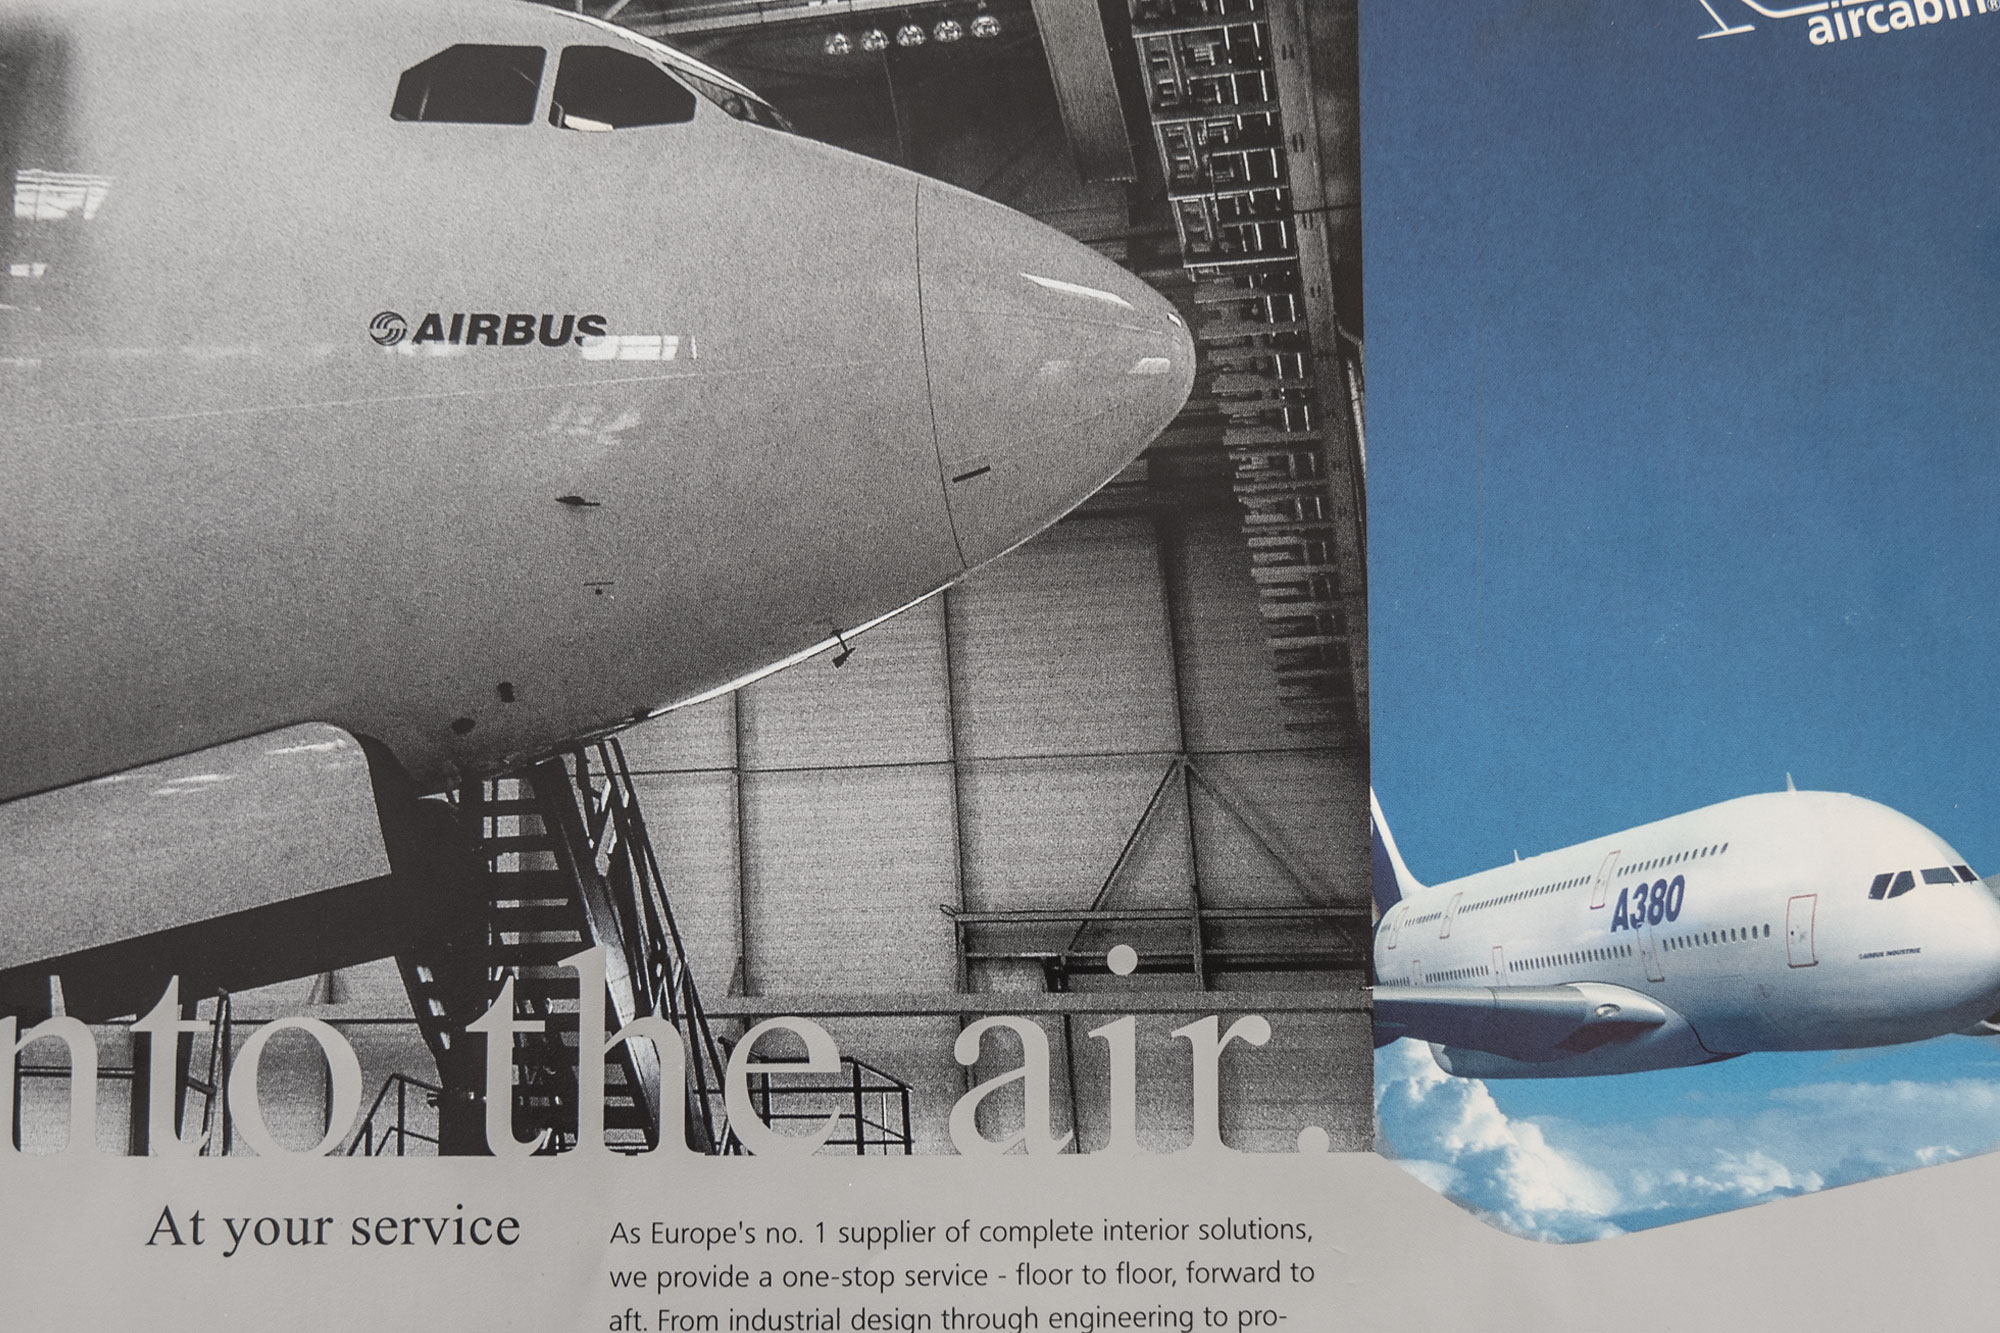 75a gestaltet verschiedene Flyer für Airbus Aircabin Deutschland